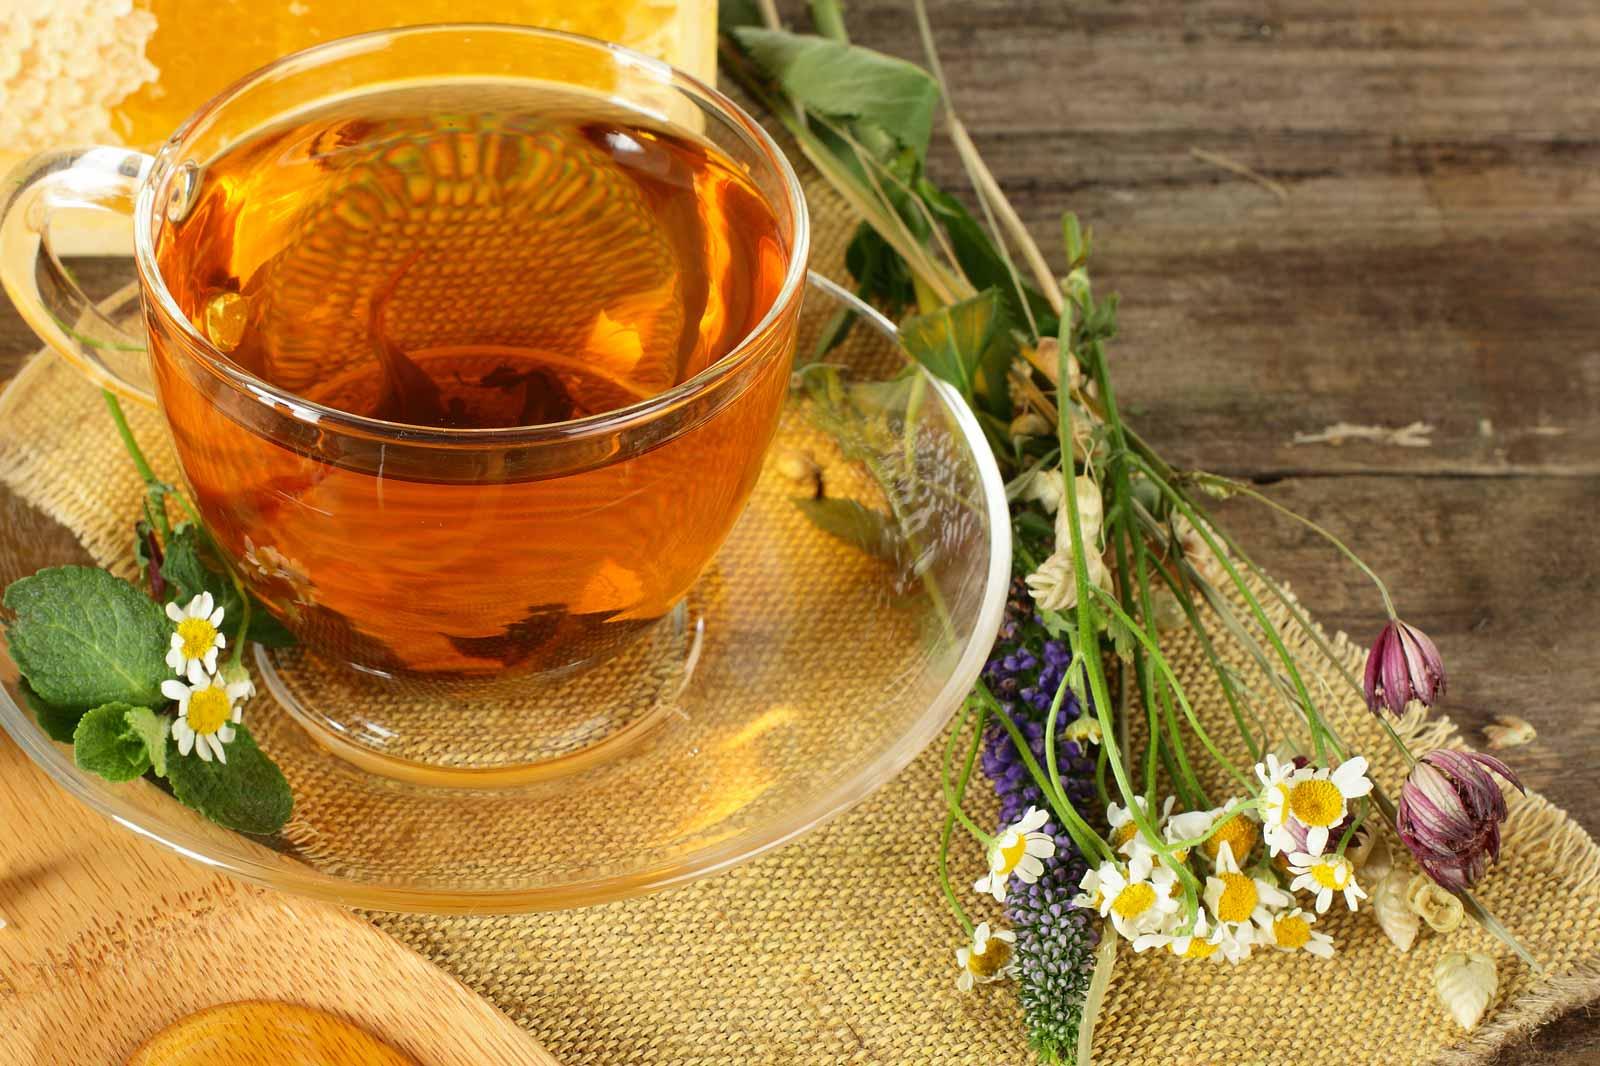 Чай из календулы: целебные свойства, показания к применению